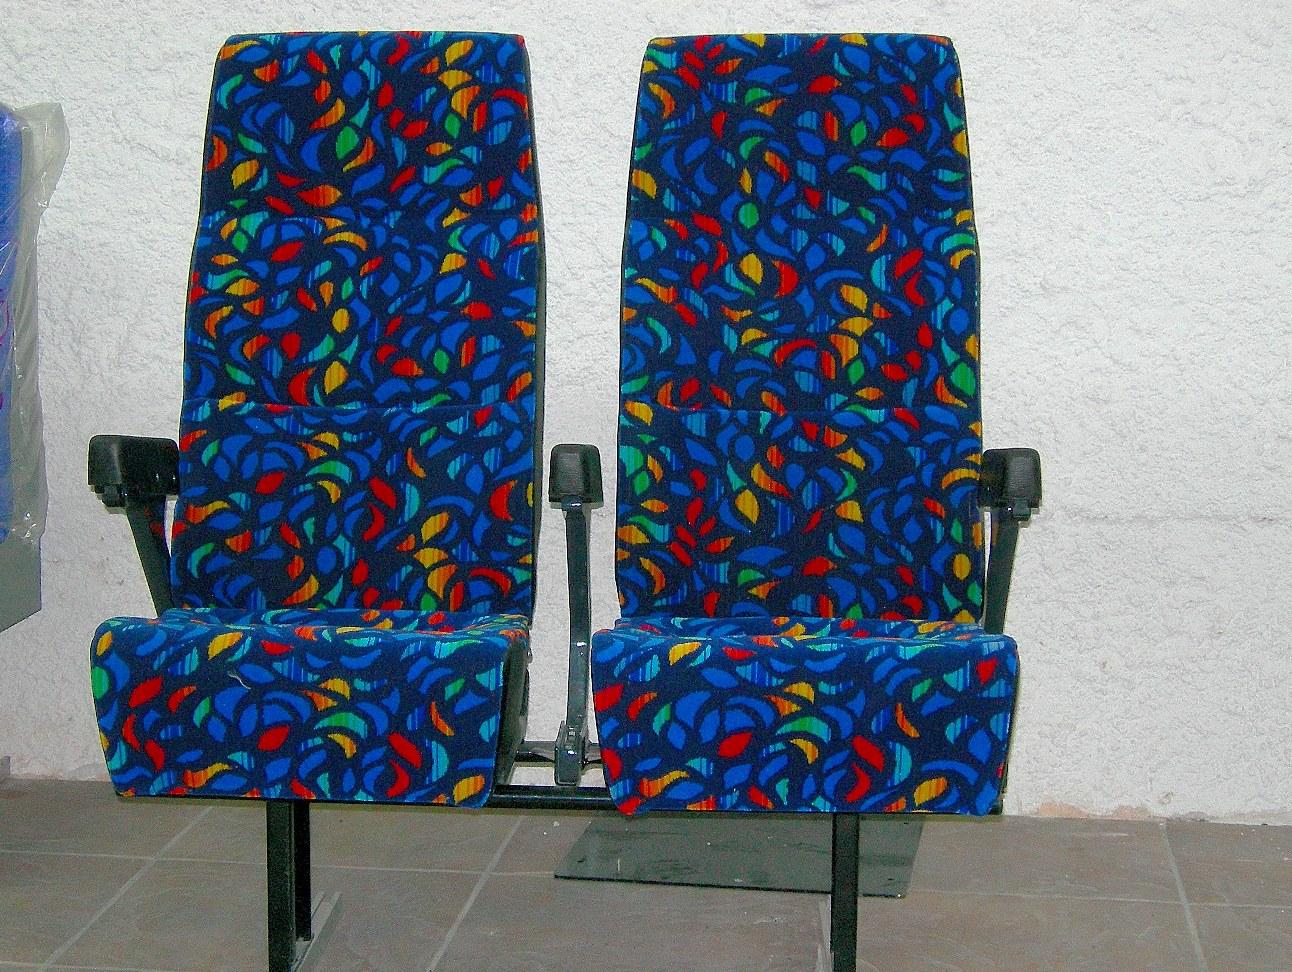 Κάθισμα μονό, διπλό, τριπλό, τετραπλό τύπου  REGARO